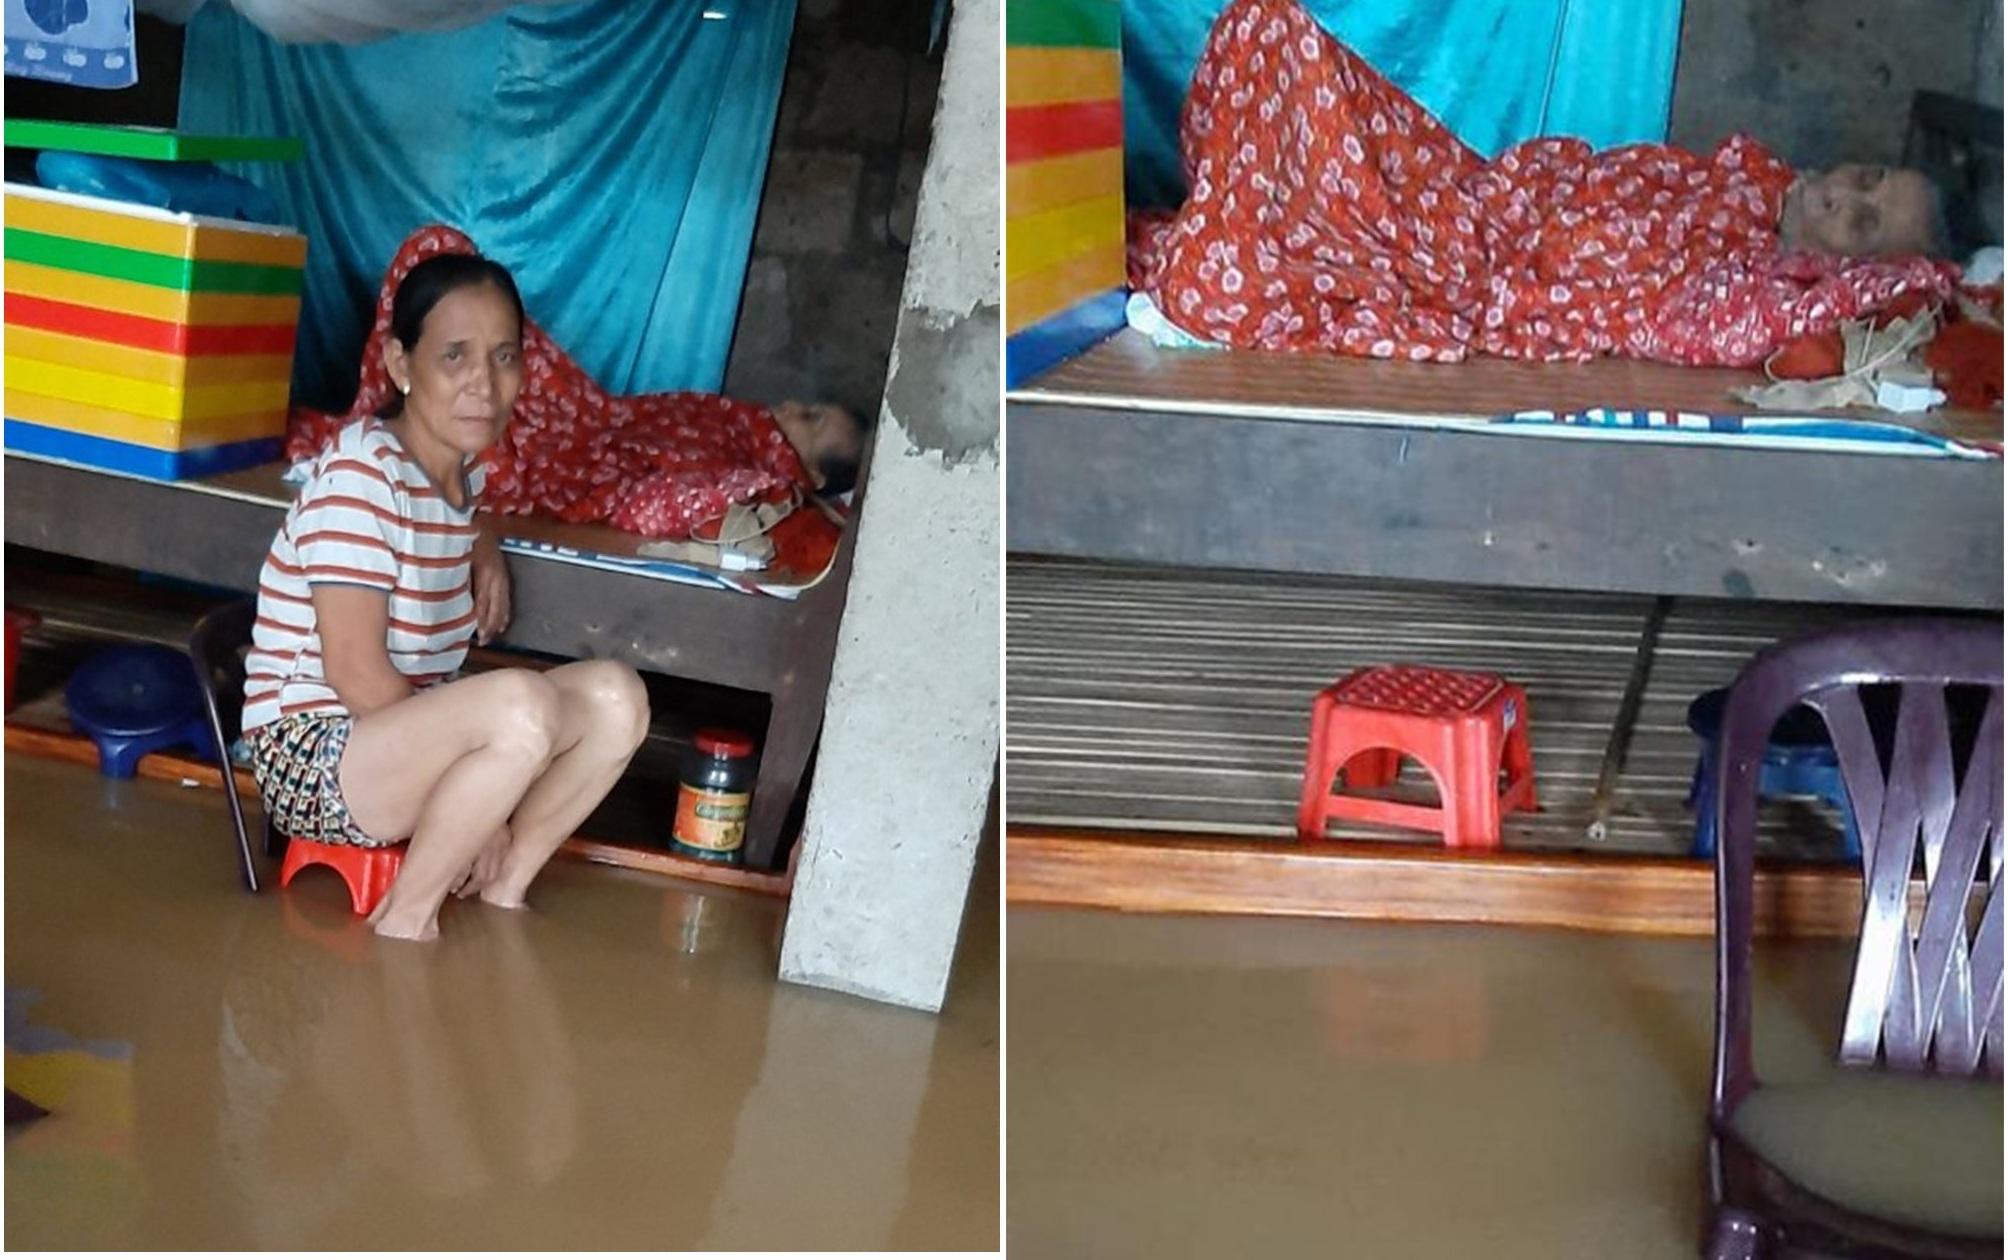 Hình ảnh cụ bà nằm trên giường trong khi nước lũ dâng cao khiến nhiều người xót xa 4